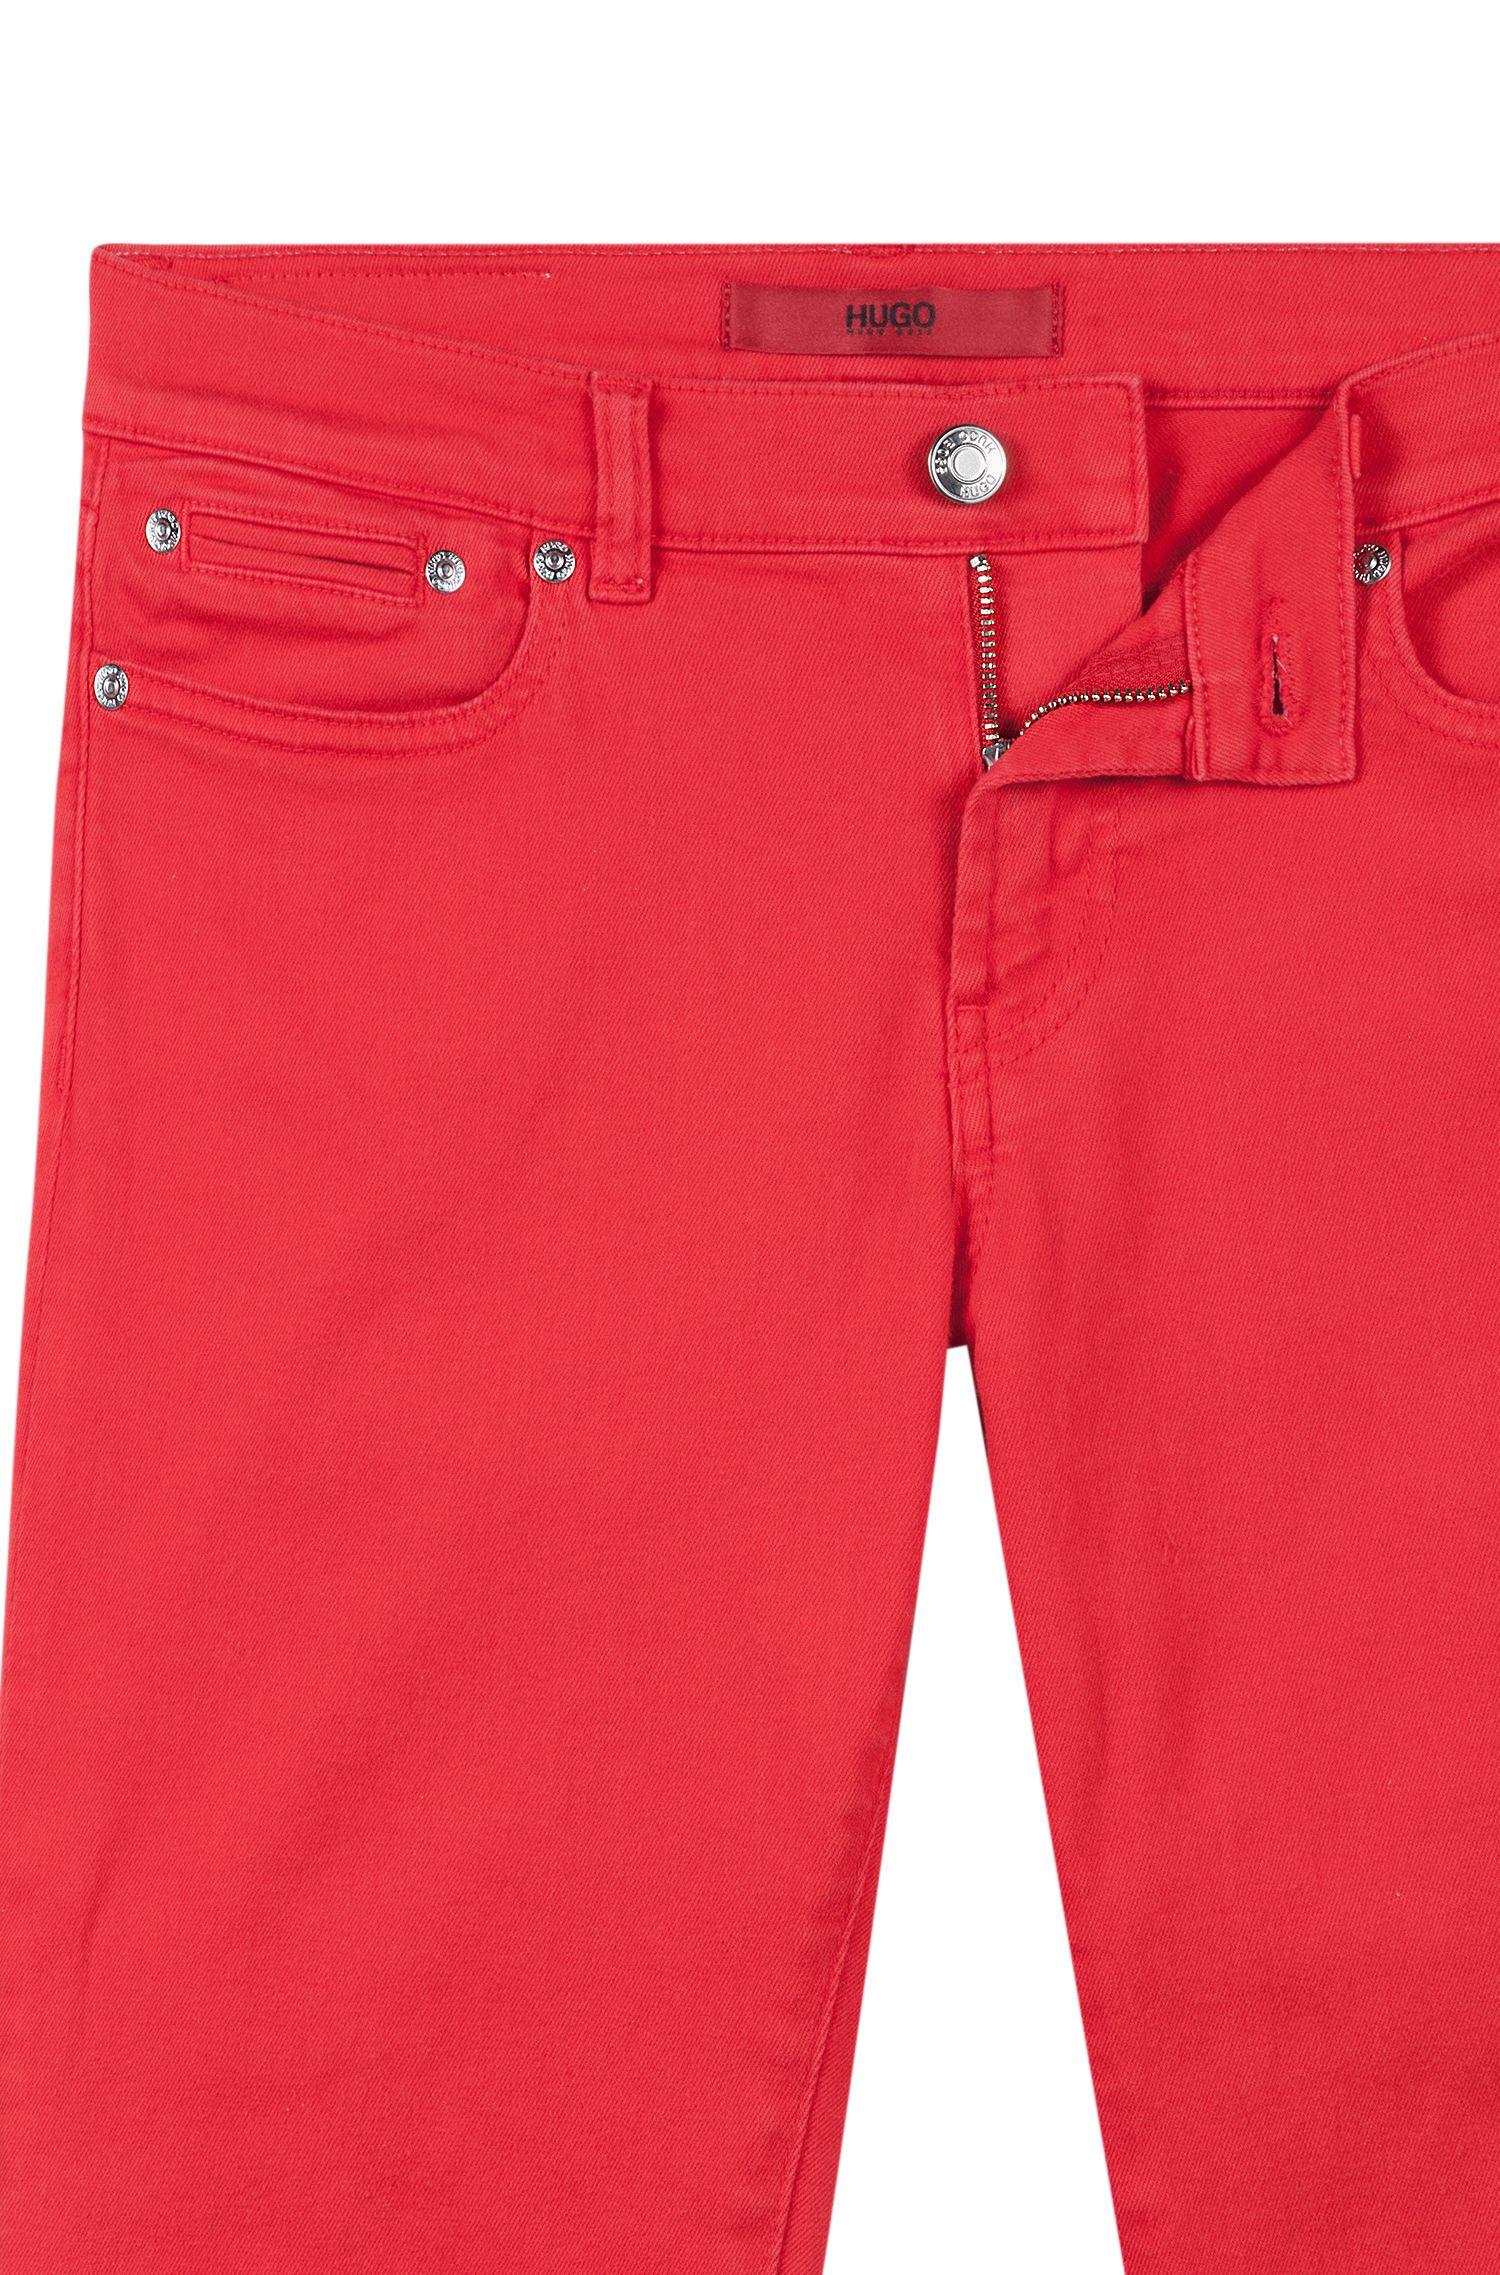 Skinny-Fit Jeans mit Reißverschlüssen hinten am Saum, Pink